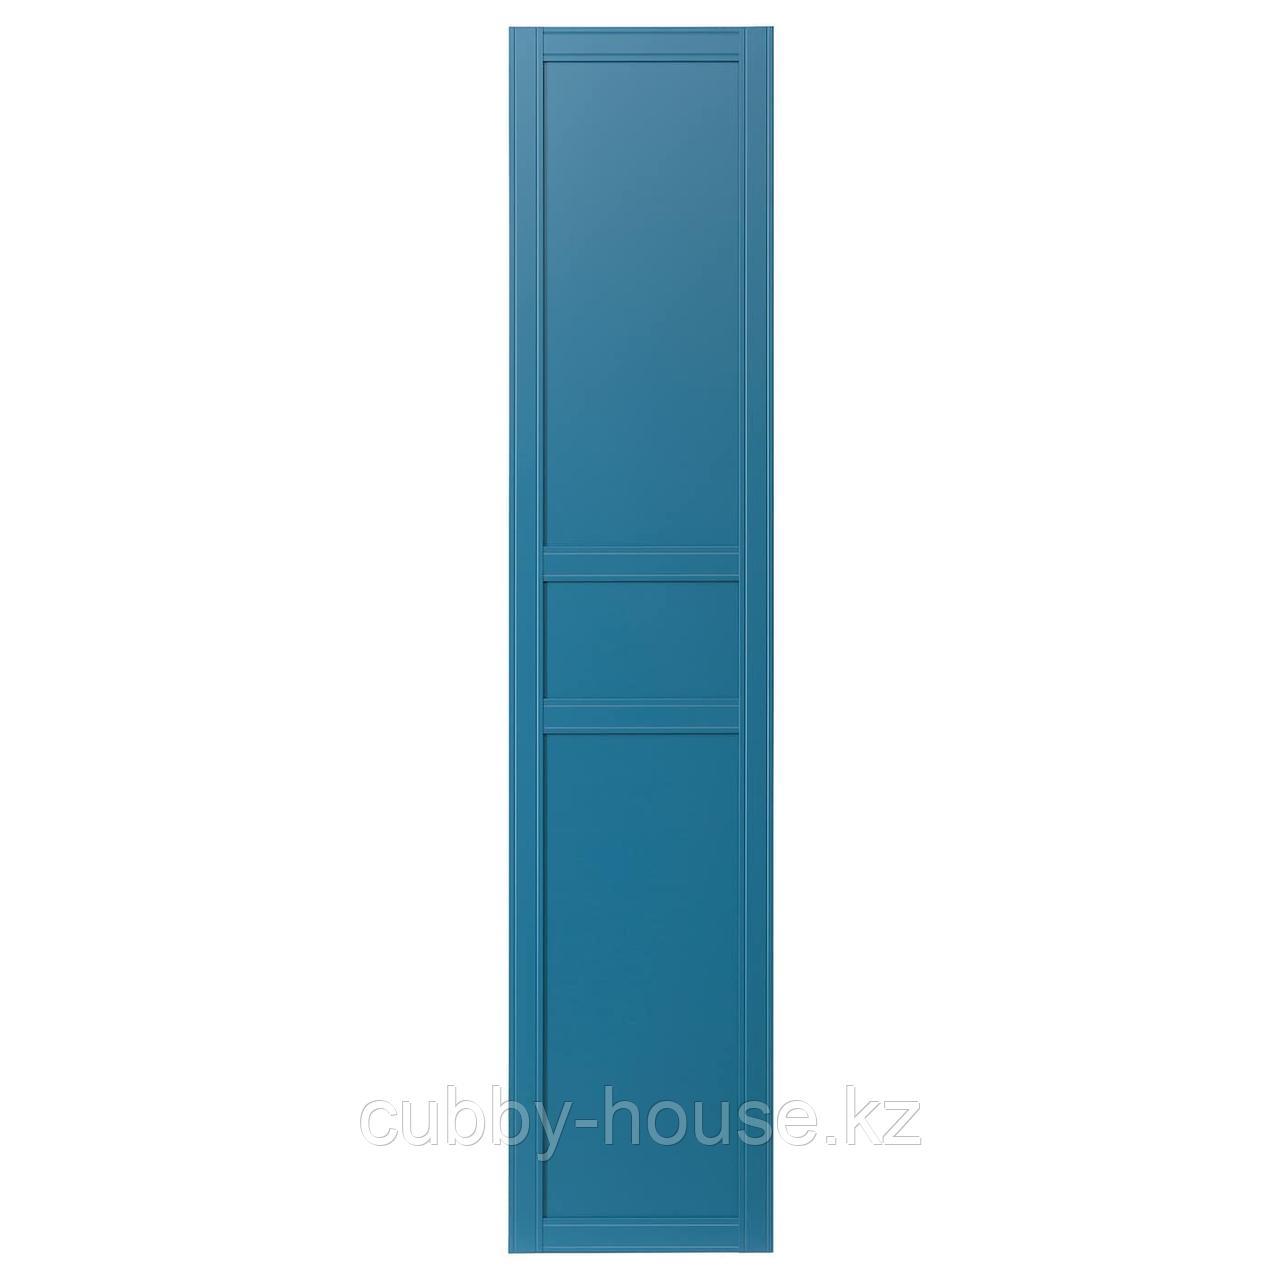 ФЛИСБЕРГЕТ Дверь, синий, 50x229 см